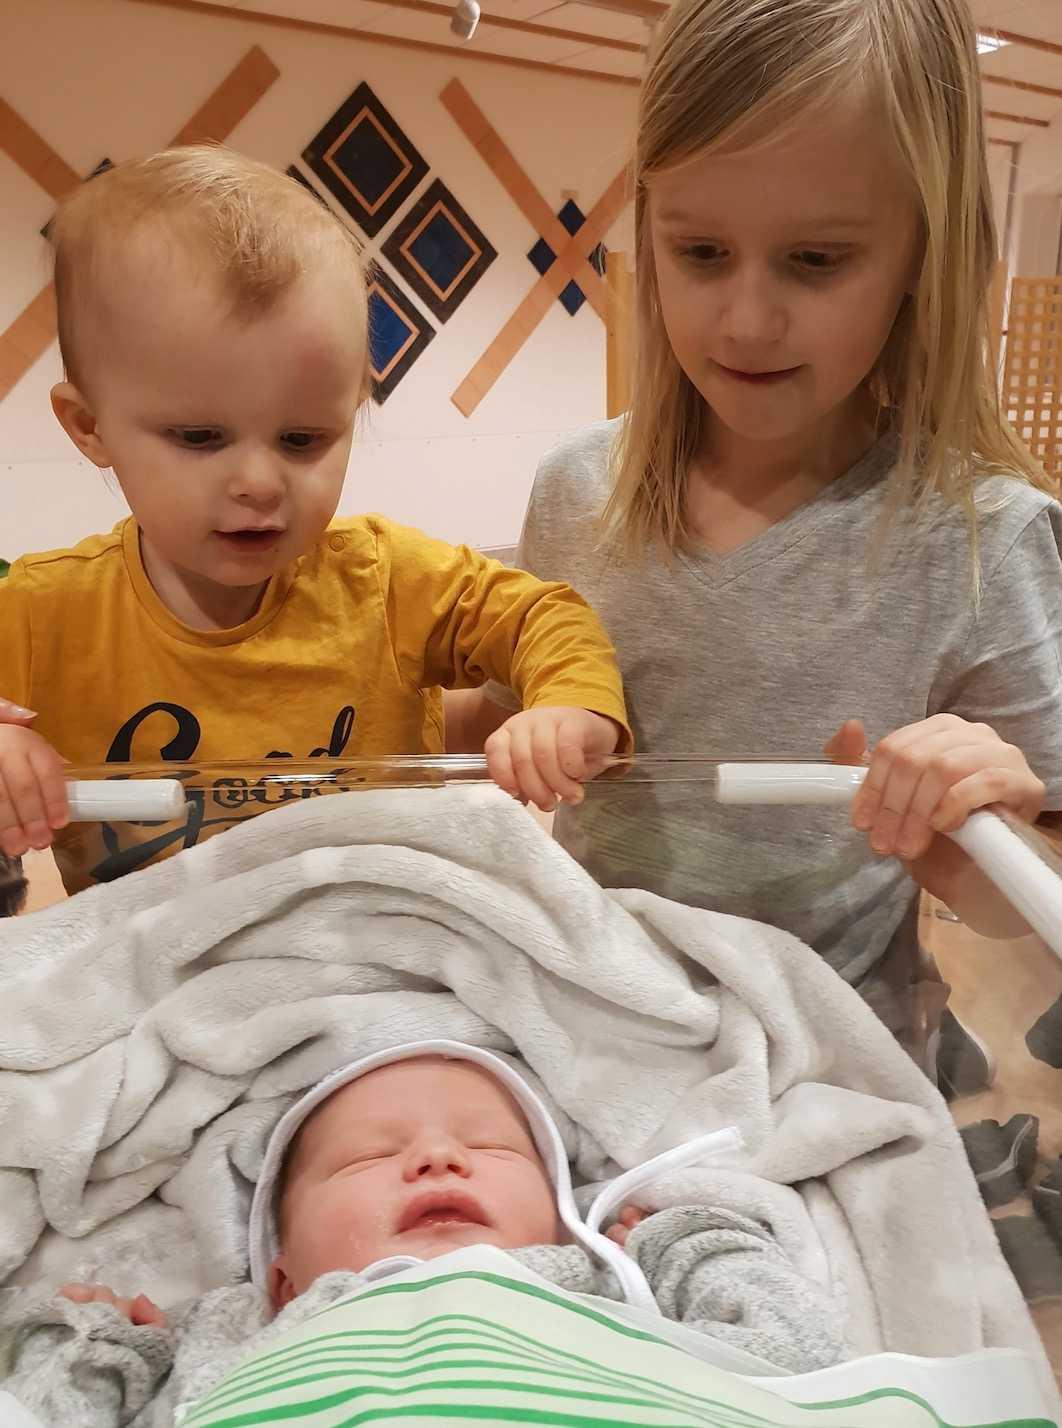 Efter en tuff resa, enligt Elsie, fick hon till sist barn med sin sambo. Här syns hennes första barn Edwin, 10, Ebbe, 2 och Malte tre månader.